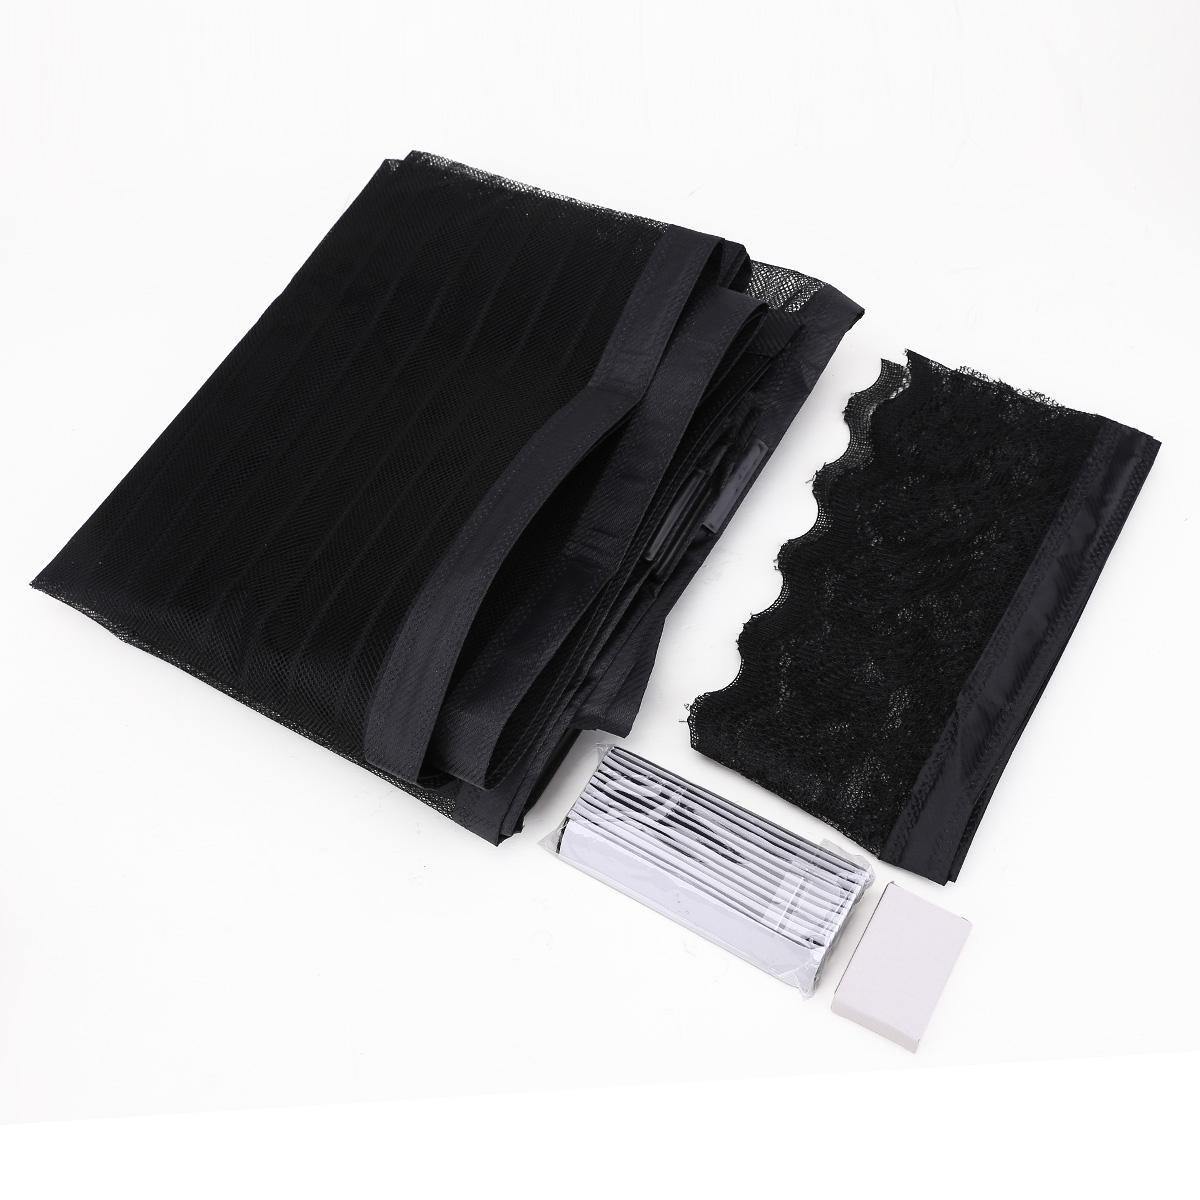 rideau de porte moustiquaire anti moustique insecte magnetique noir 220cm. Black Bedroom Furniture Sets. Home Design Ideas